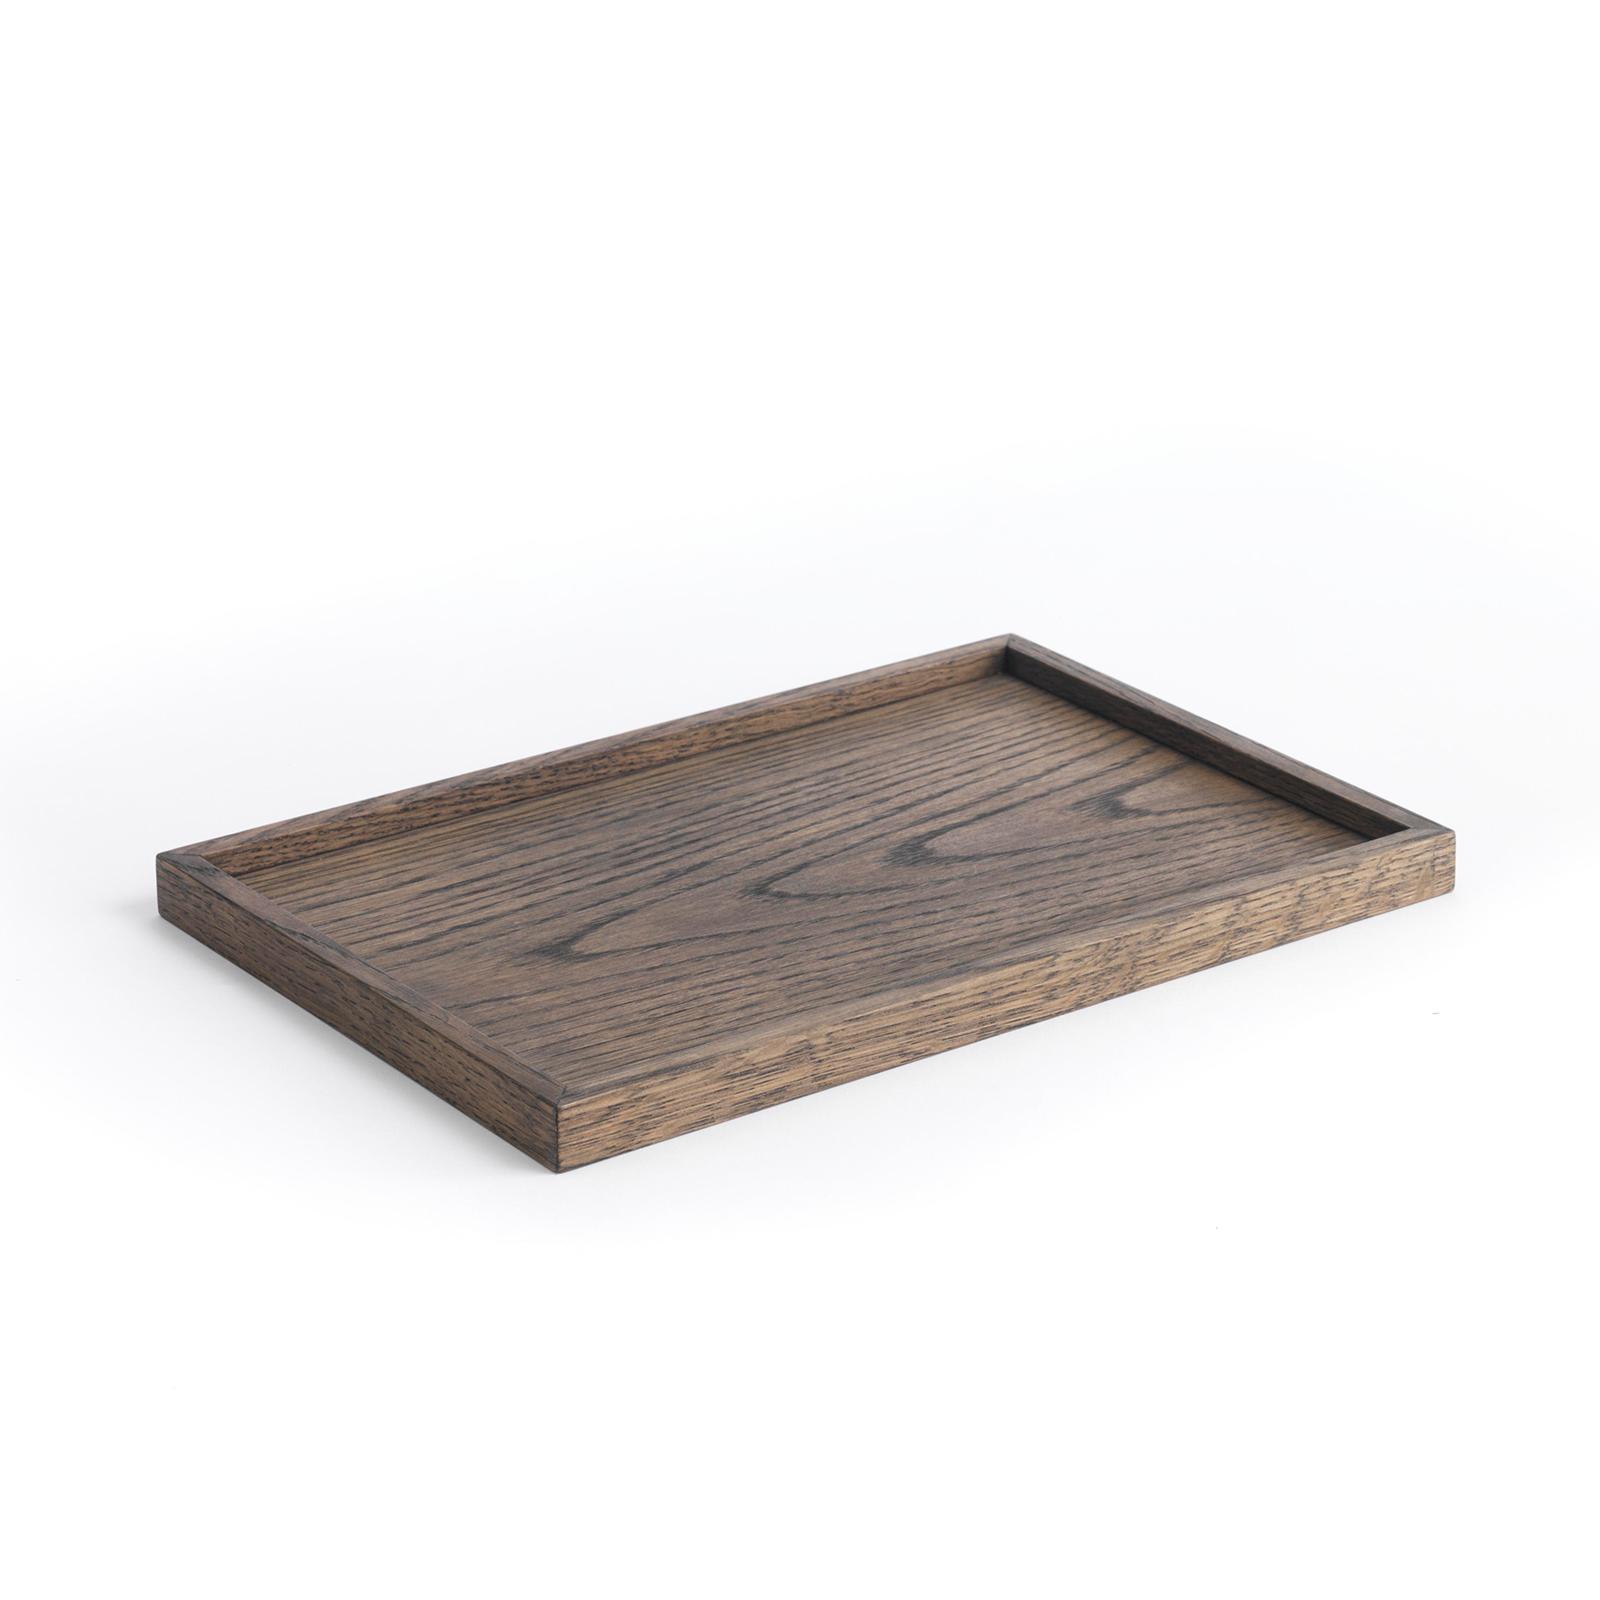 Square Tray – Large, Mørk Egetræ